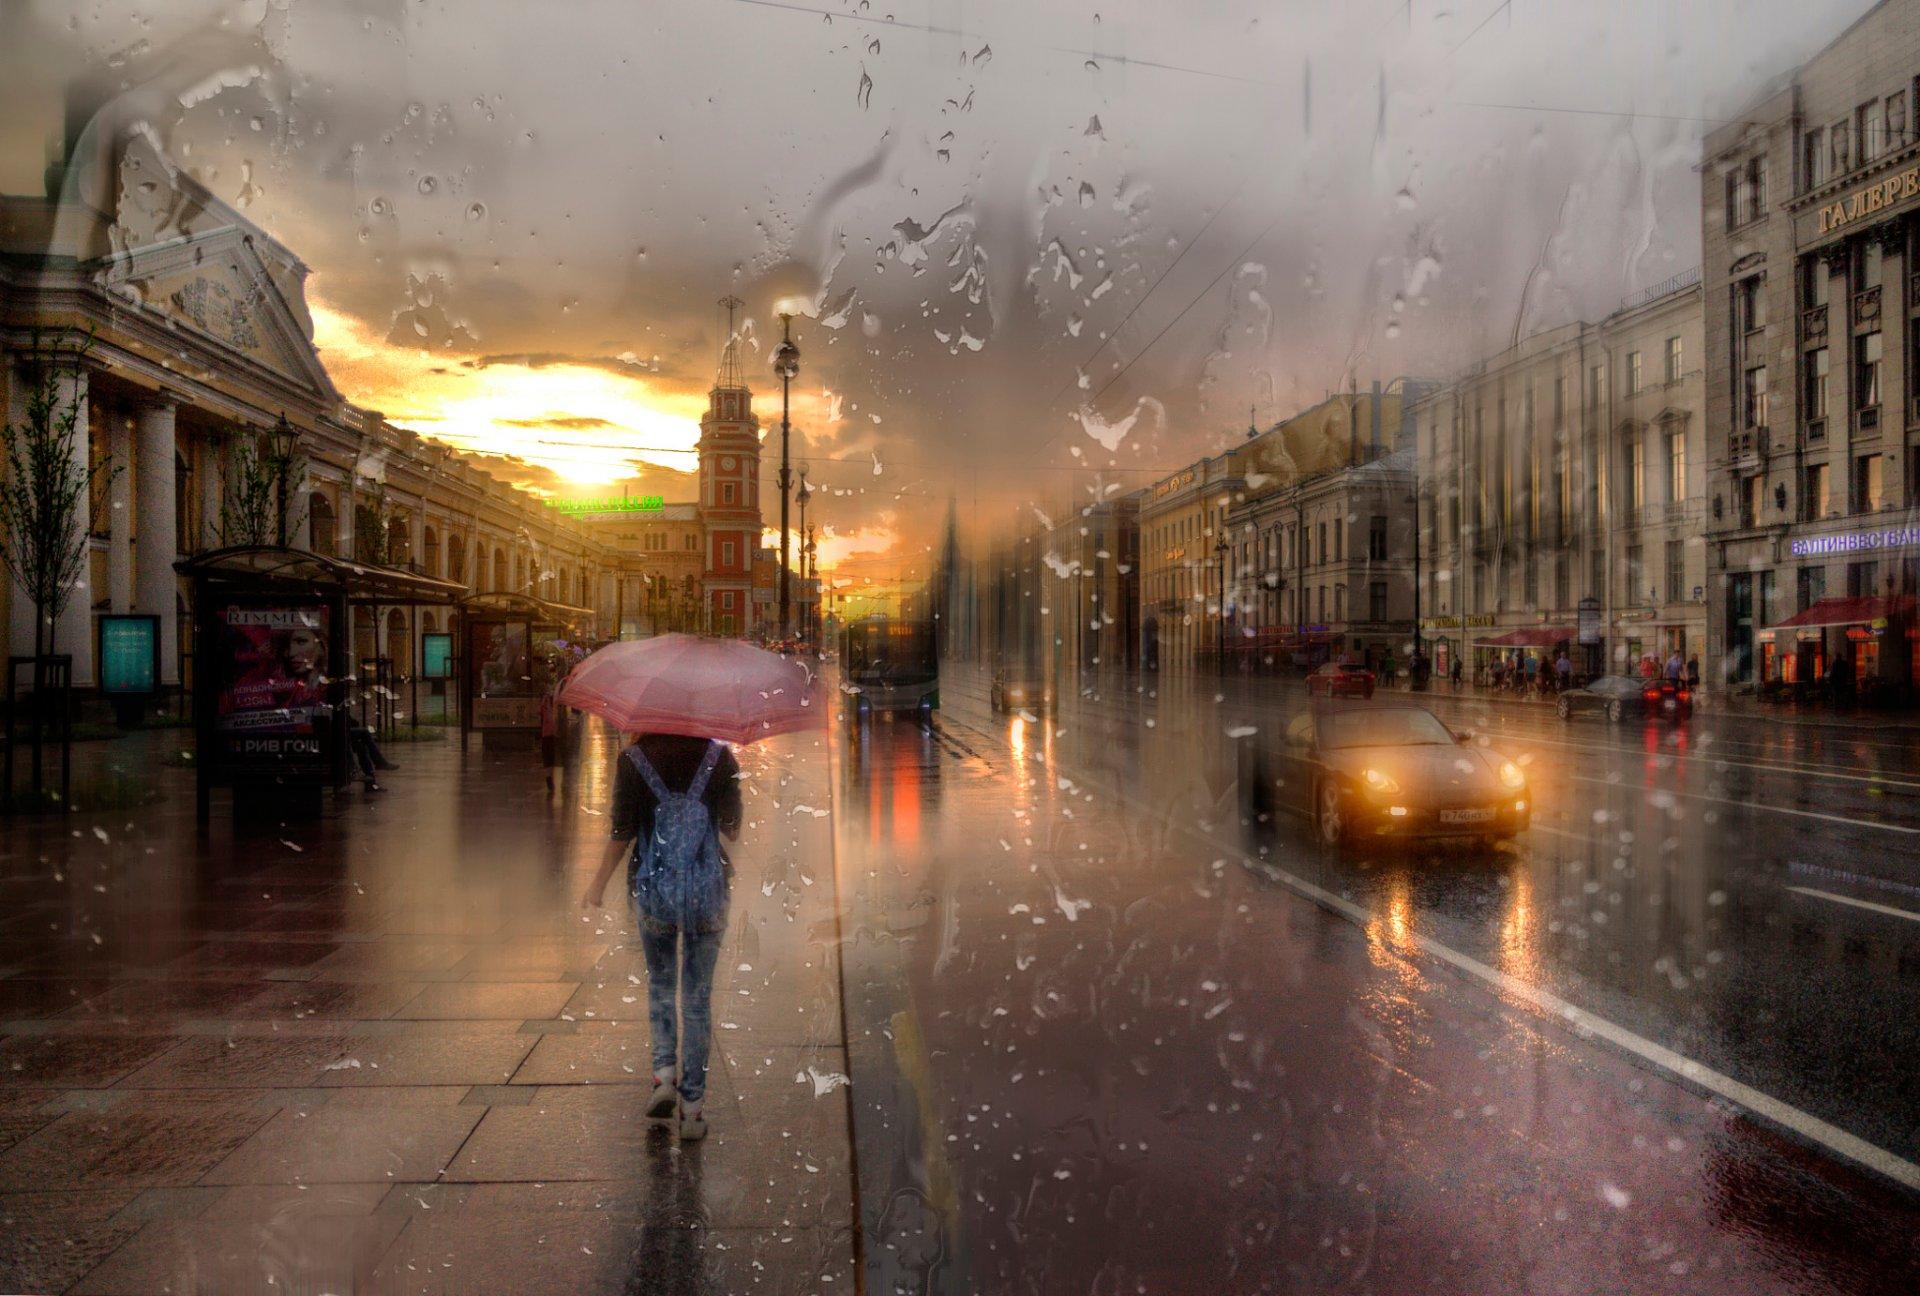 избавит дождь на улице картинка для печати отметил, что материалах